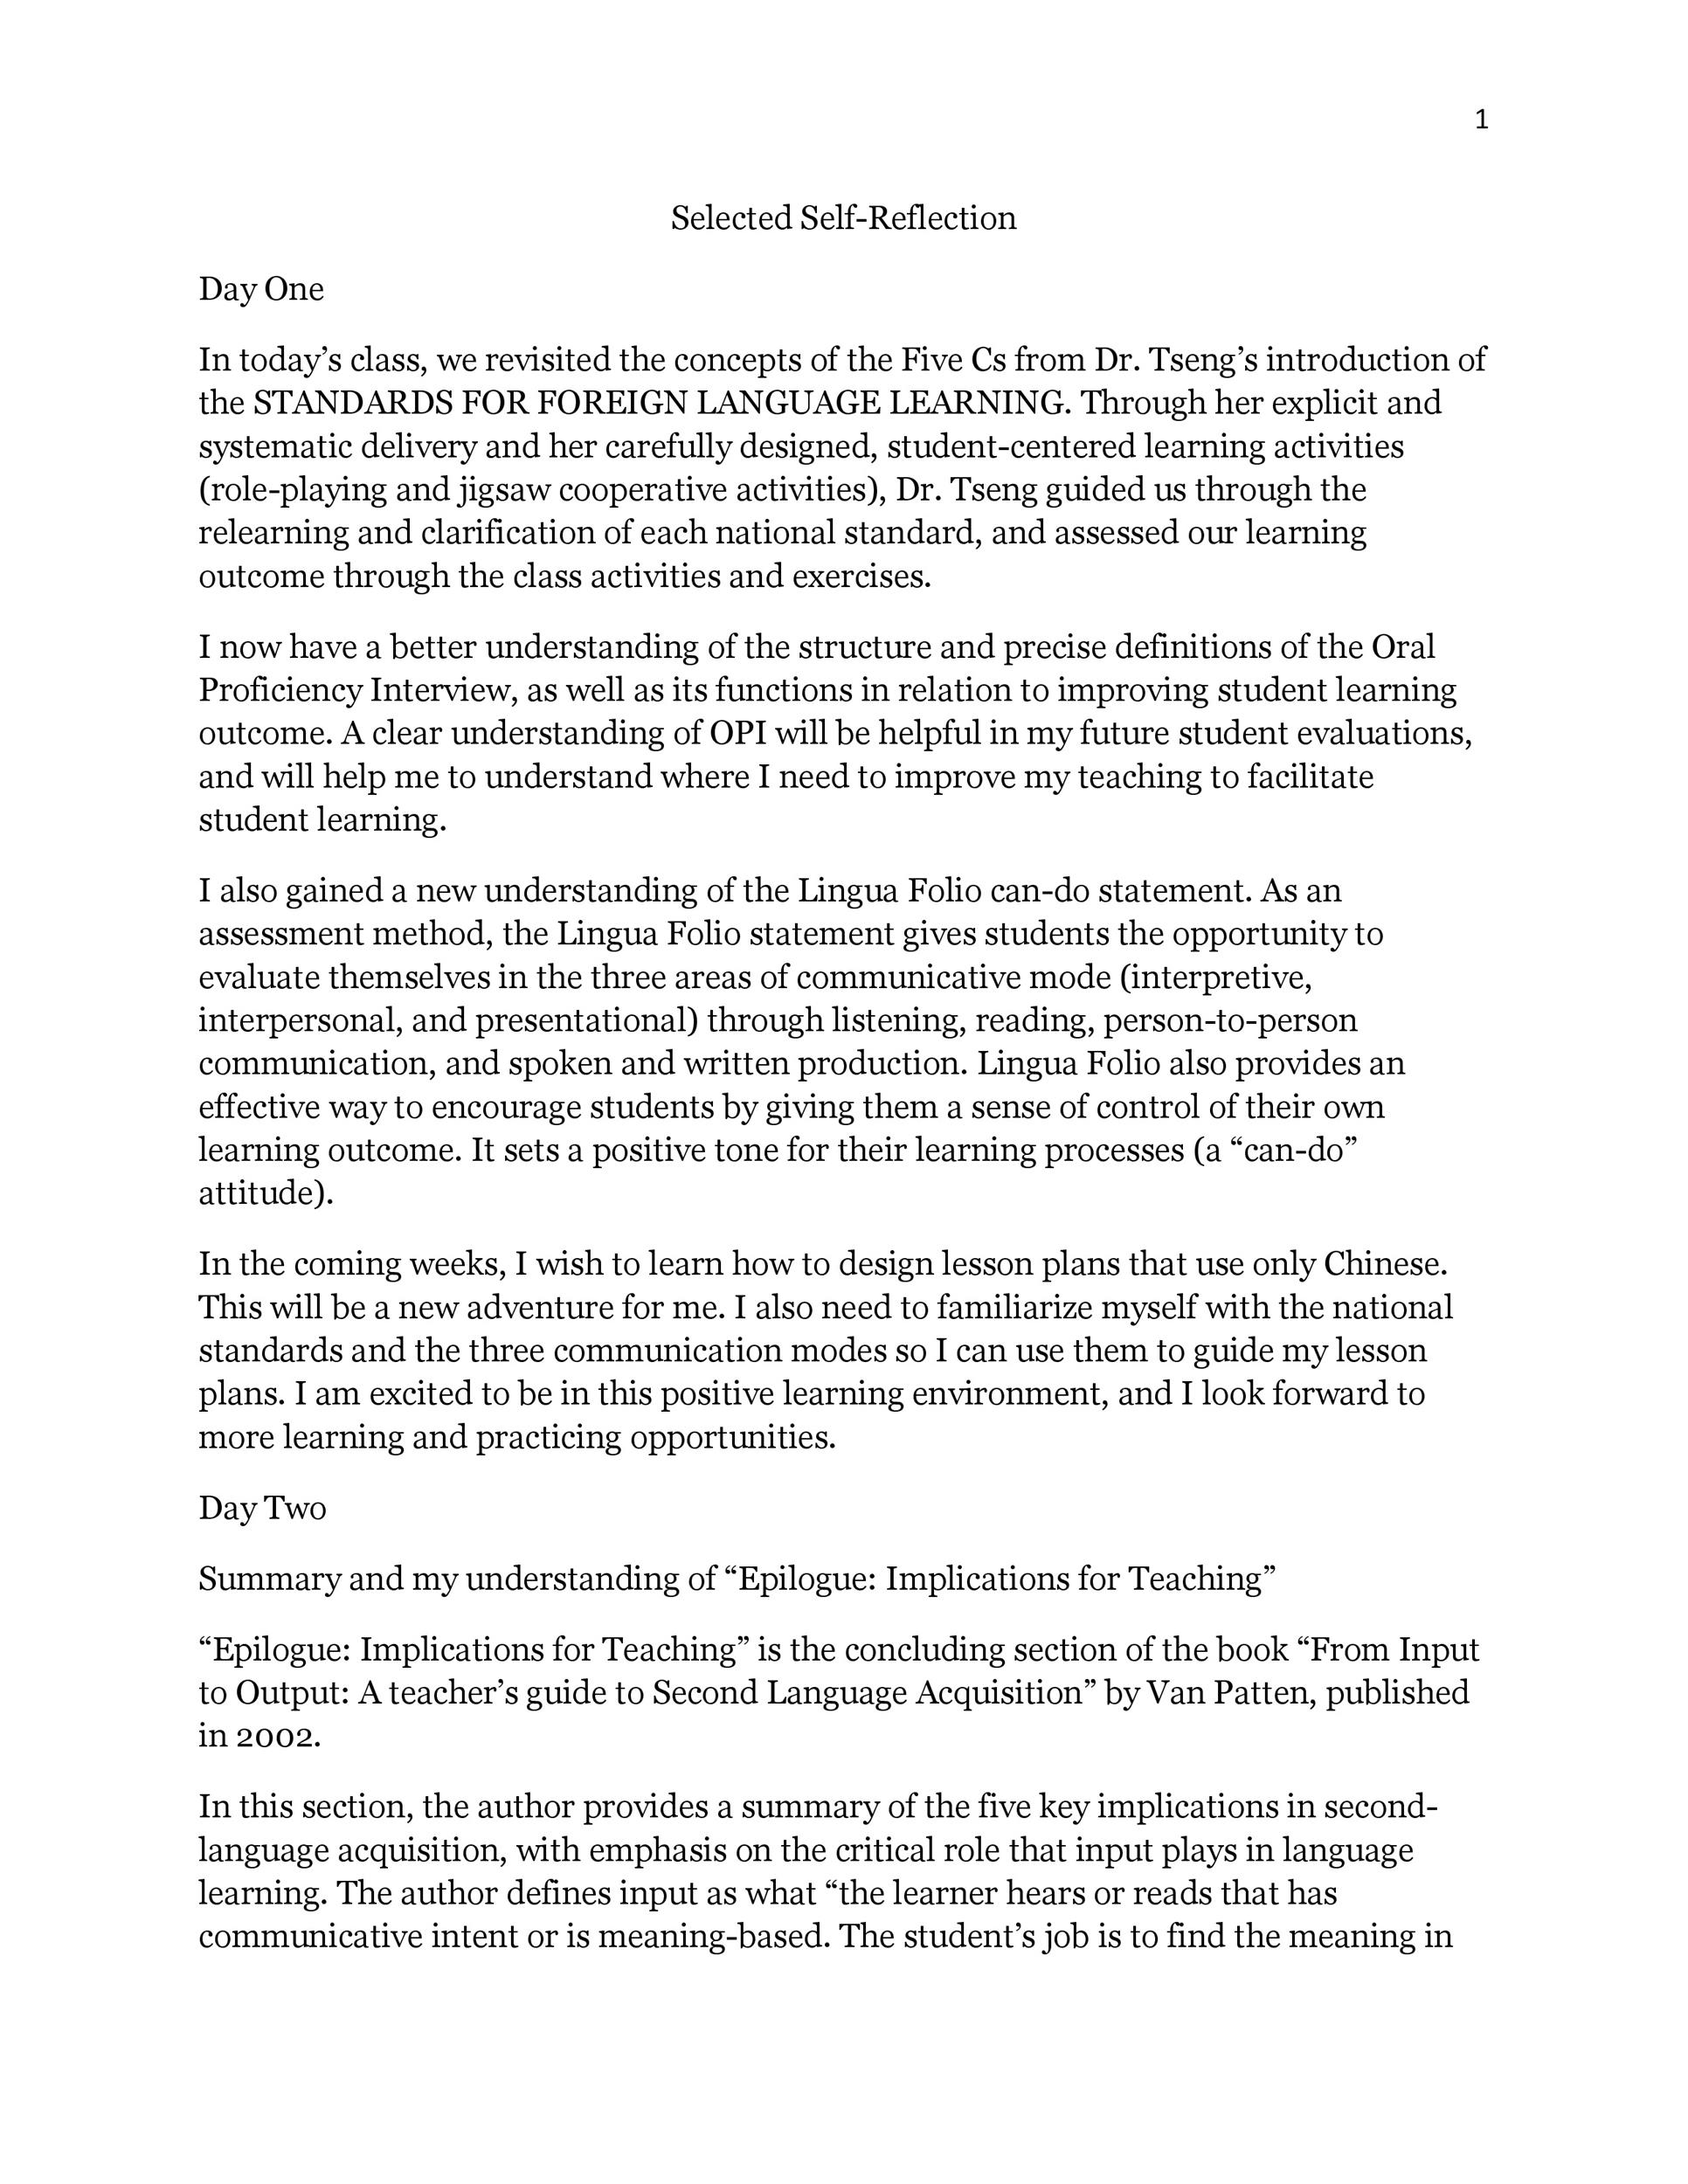 Writing reflective essays